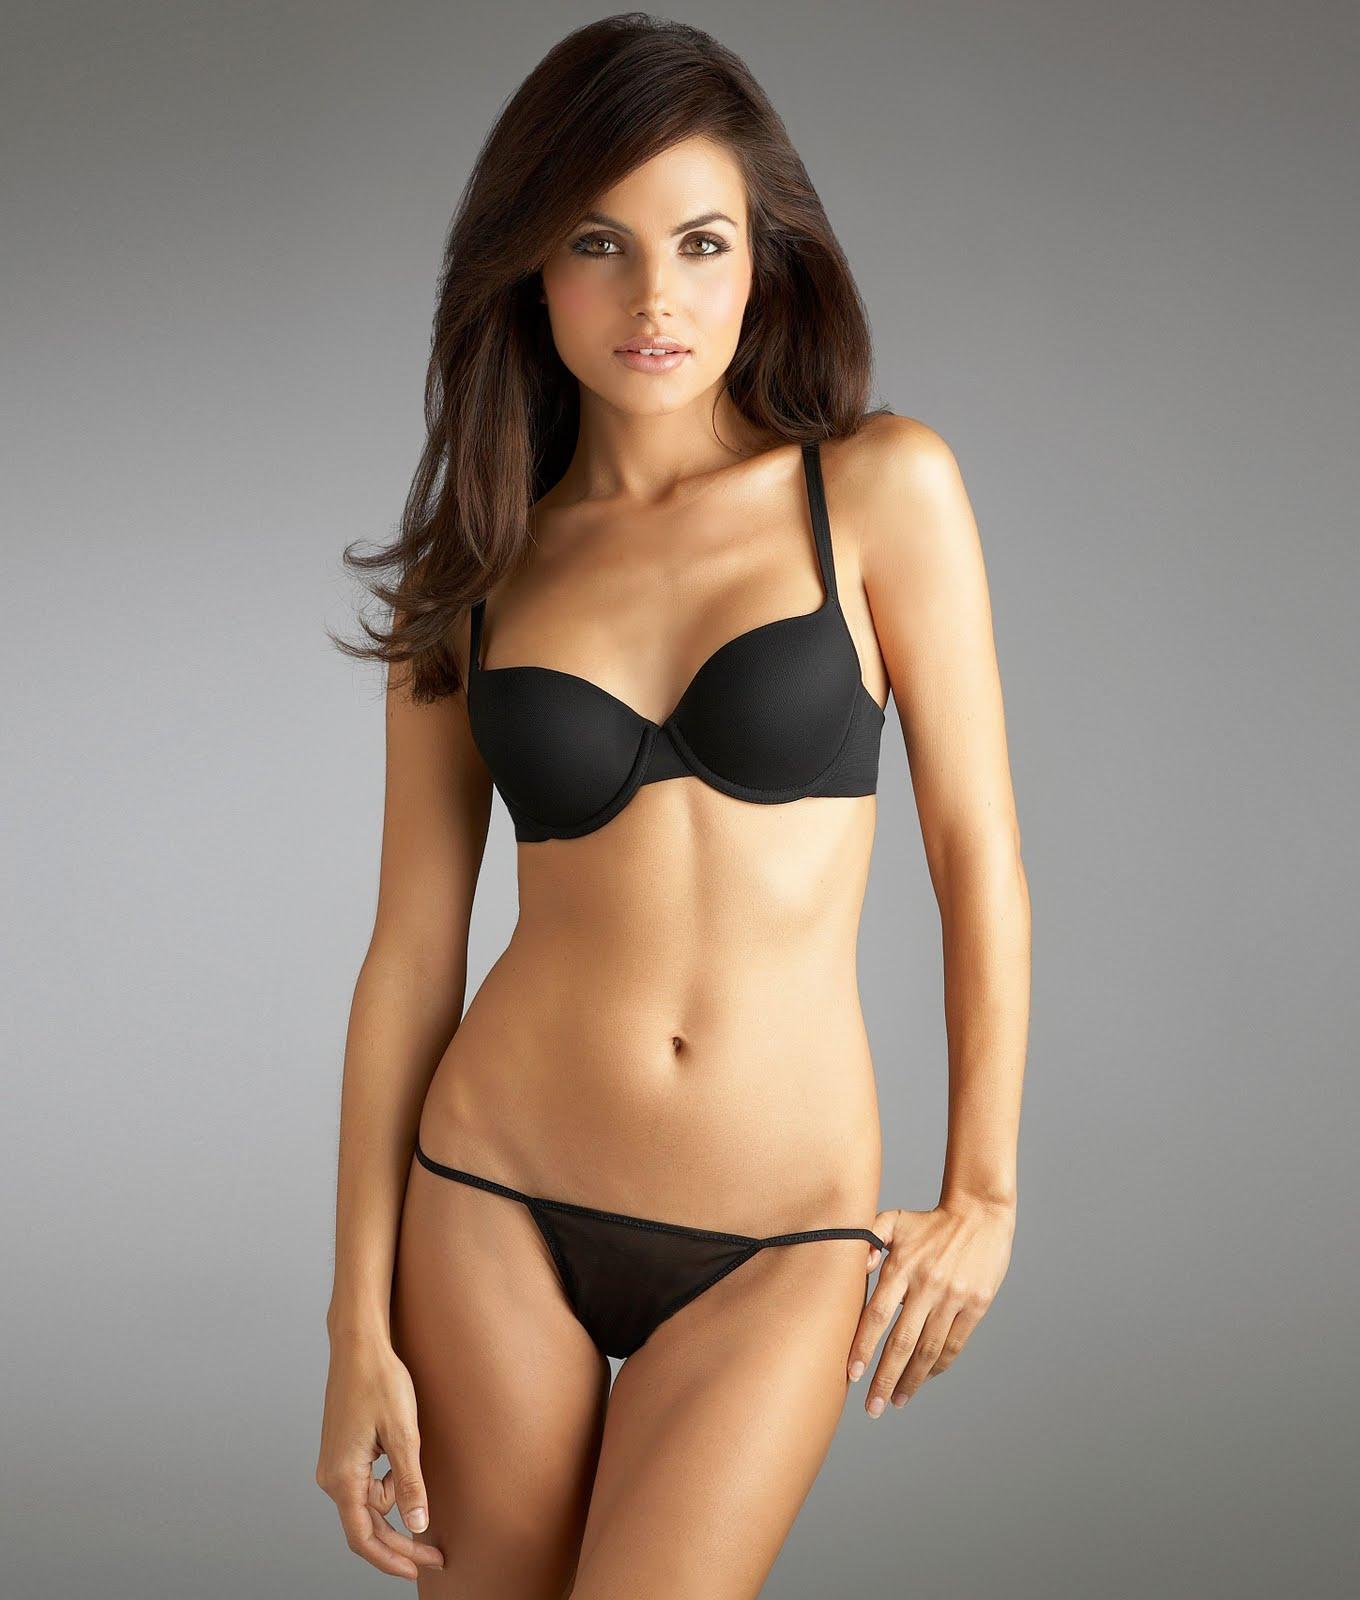 Diana Morales Nude Photos 23